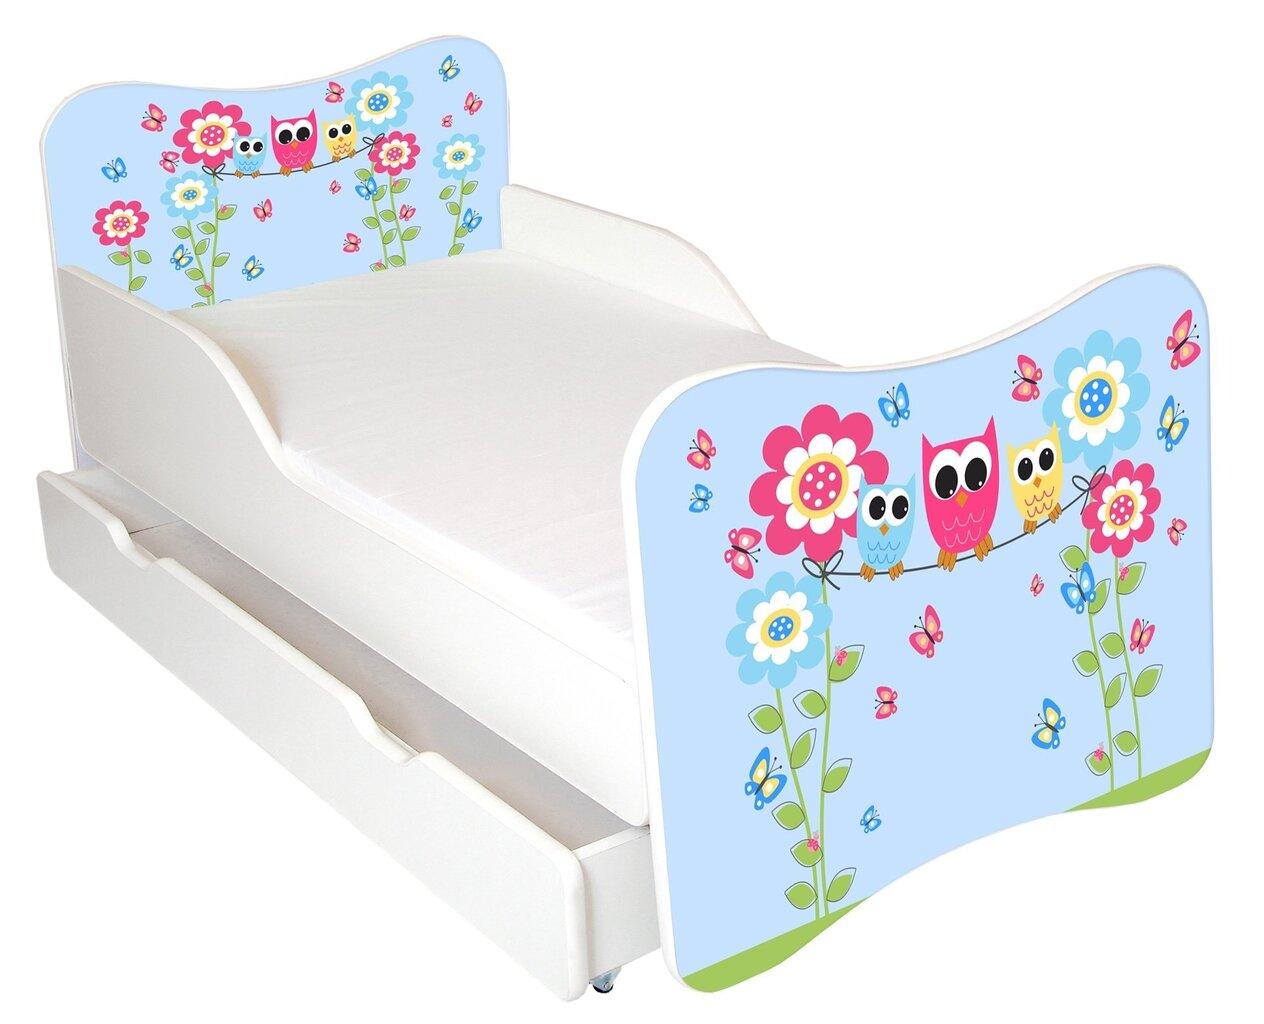 Bērnu gulta ar matraci un veļas